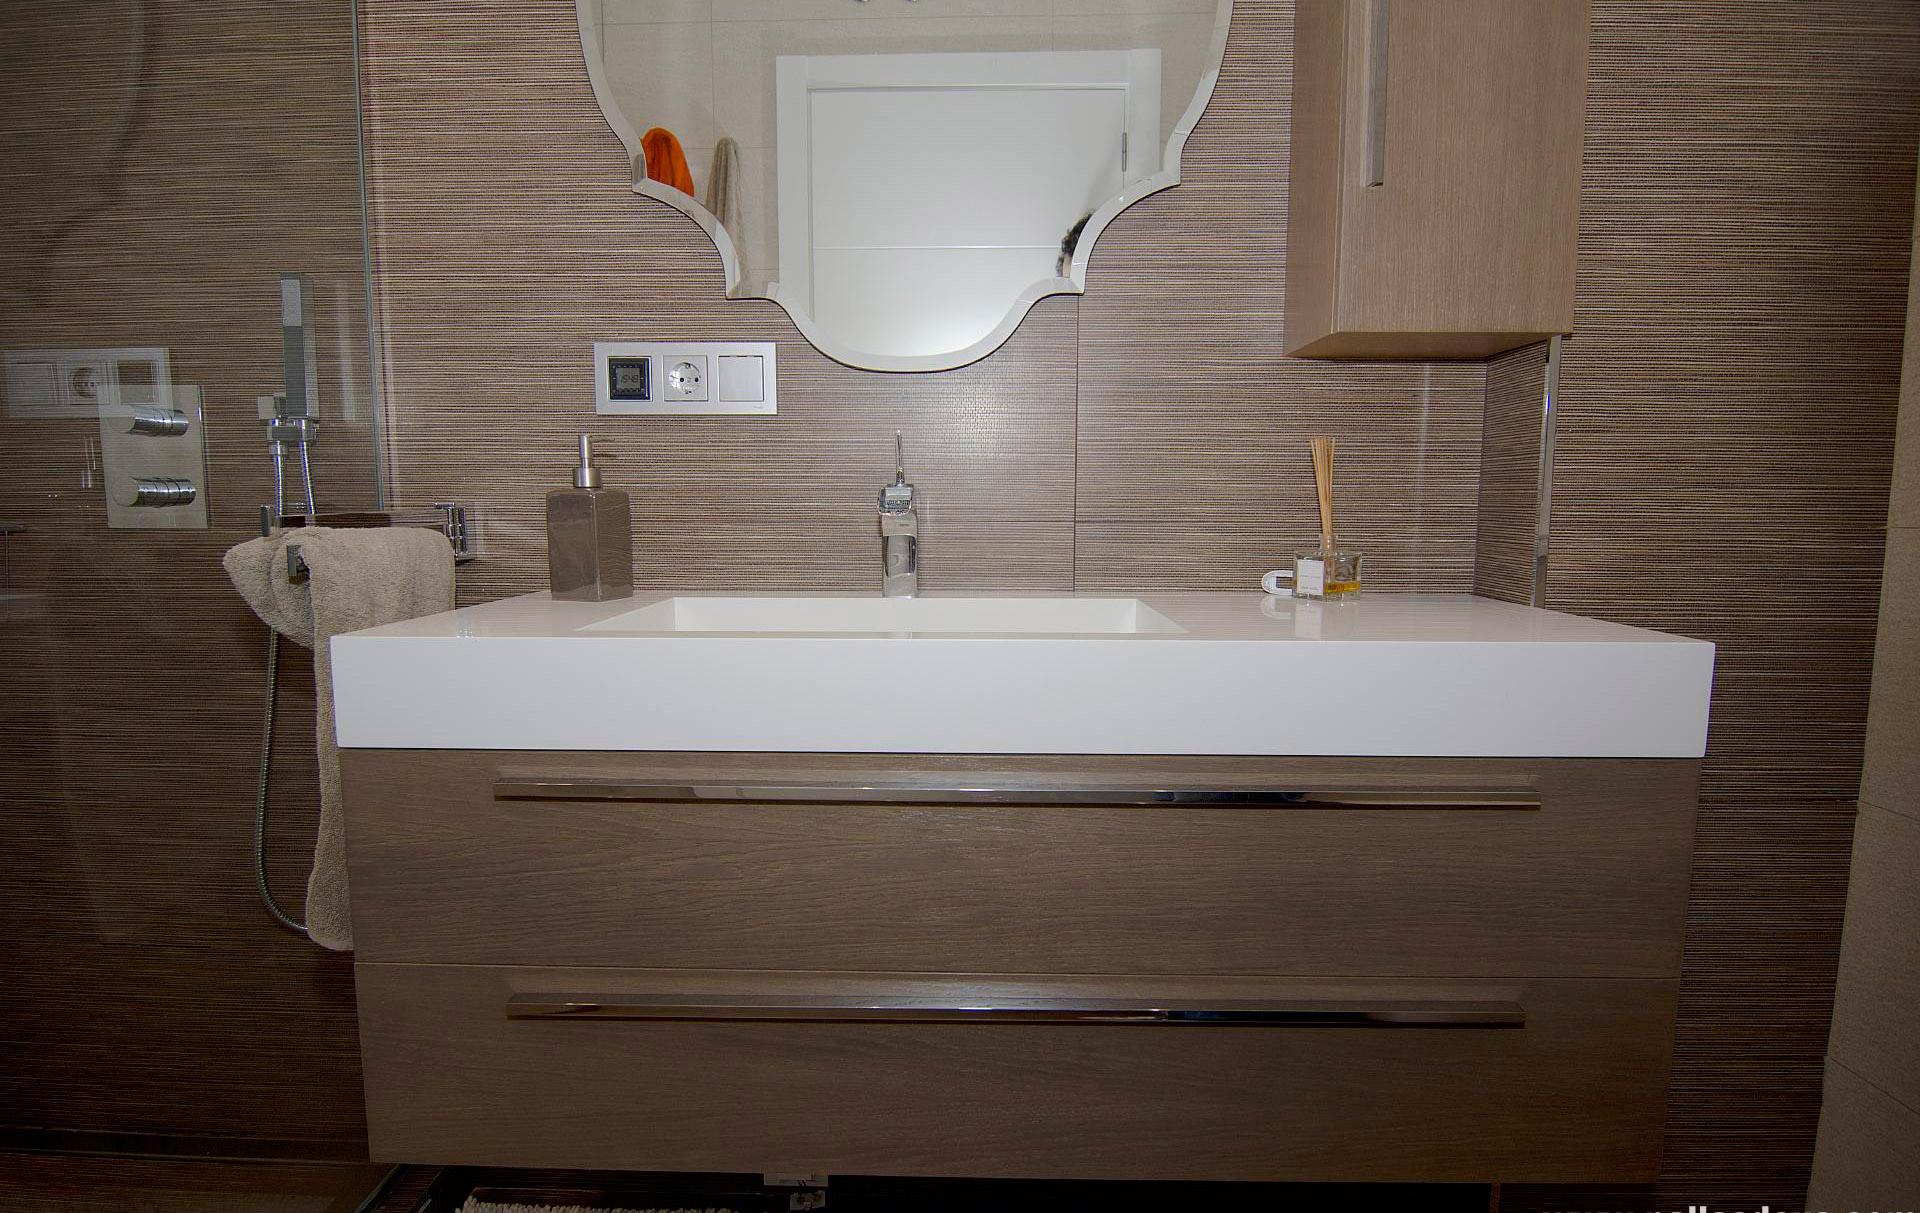 Muebles coru a puertas vestidores muebles de cocina for Muebles usados coruna